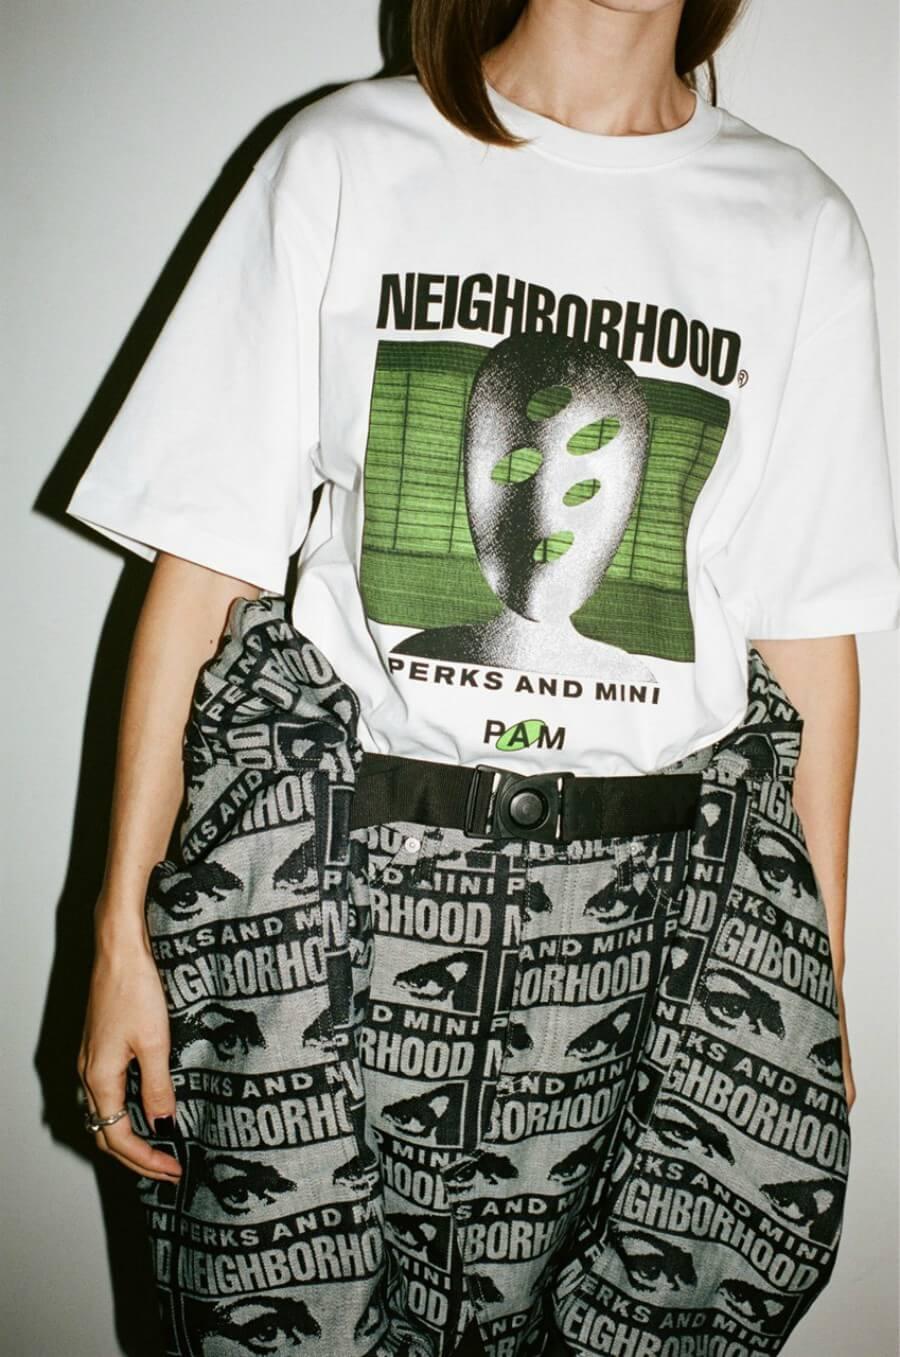 Neighborhood y PAM